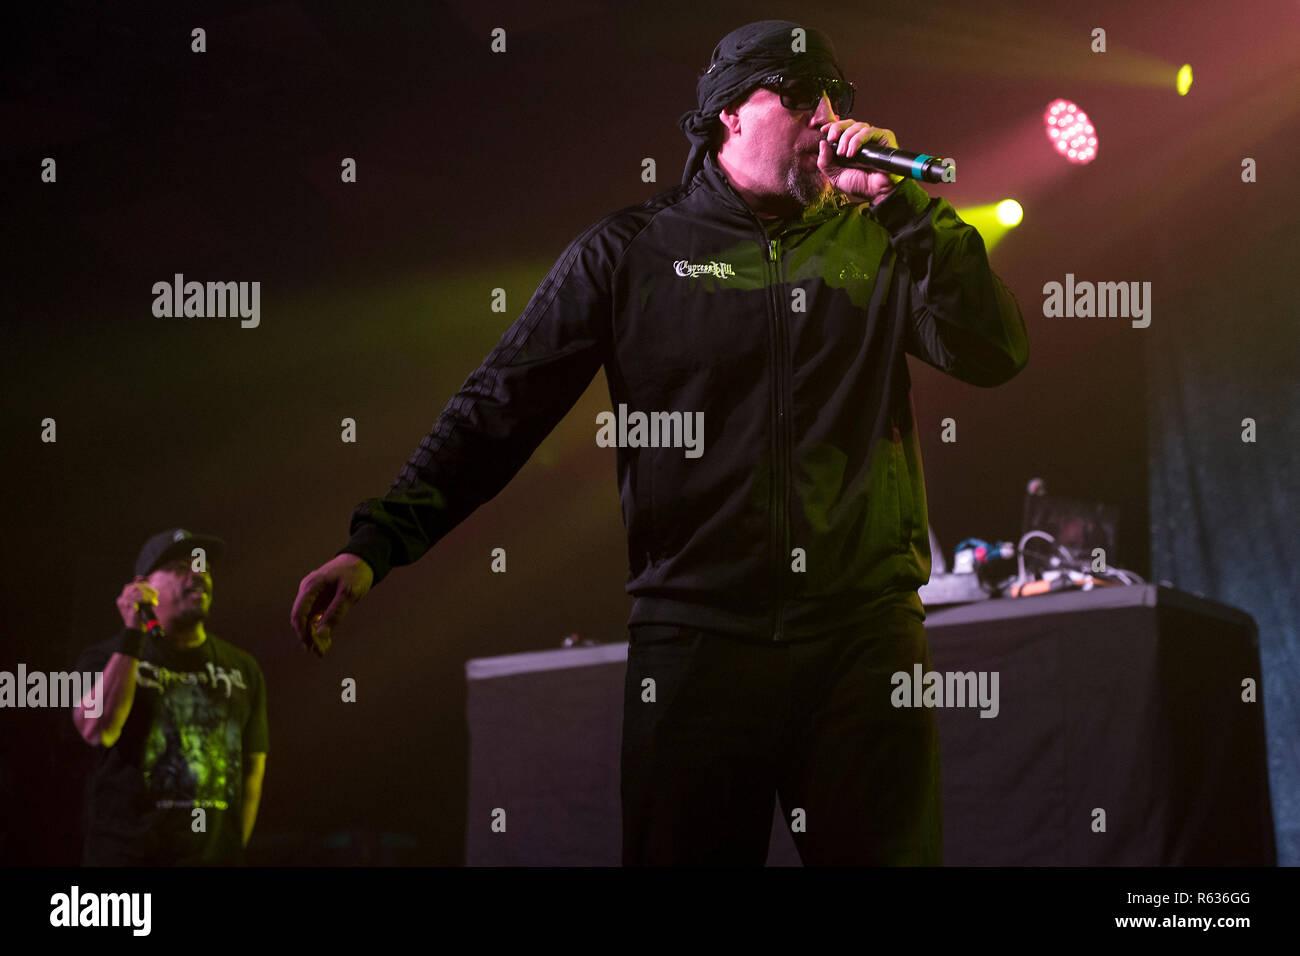 Glasgow Escocia Reino Unido 3 De Diciembre De 2018 Cypress Hill Tocar En Vivo En El Famoso Salón De Baile Barrowlands Barras Crédito Stuart Westwood Alamy Live News Fotografía De Stock Alamy